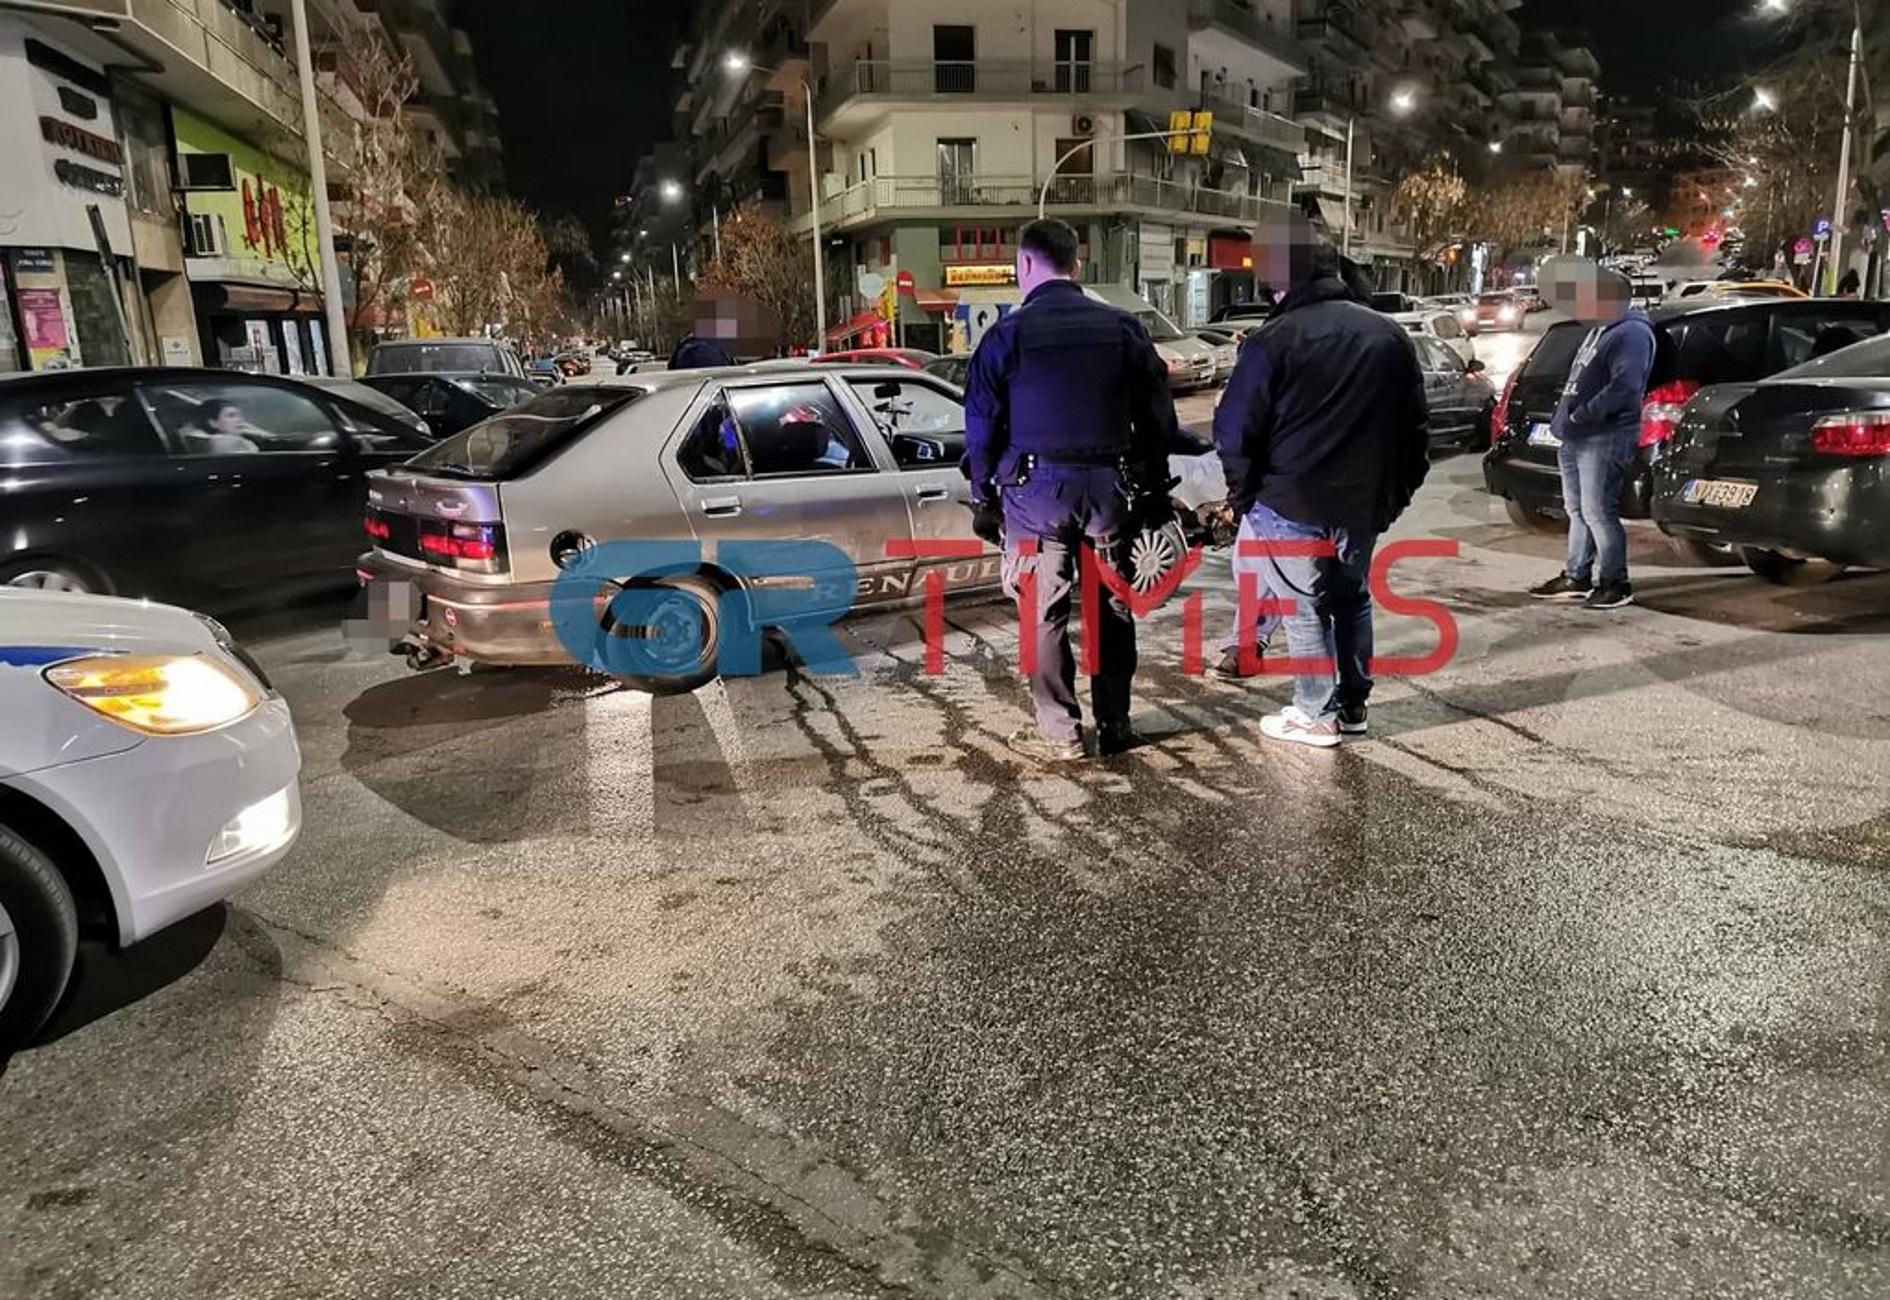 Θεσσαλονίκη: Πήρε το παιδί του και άρχισε να τρέχει! Σκηνές απείρου κάλλους σε τροχαίο (Βίντεο)